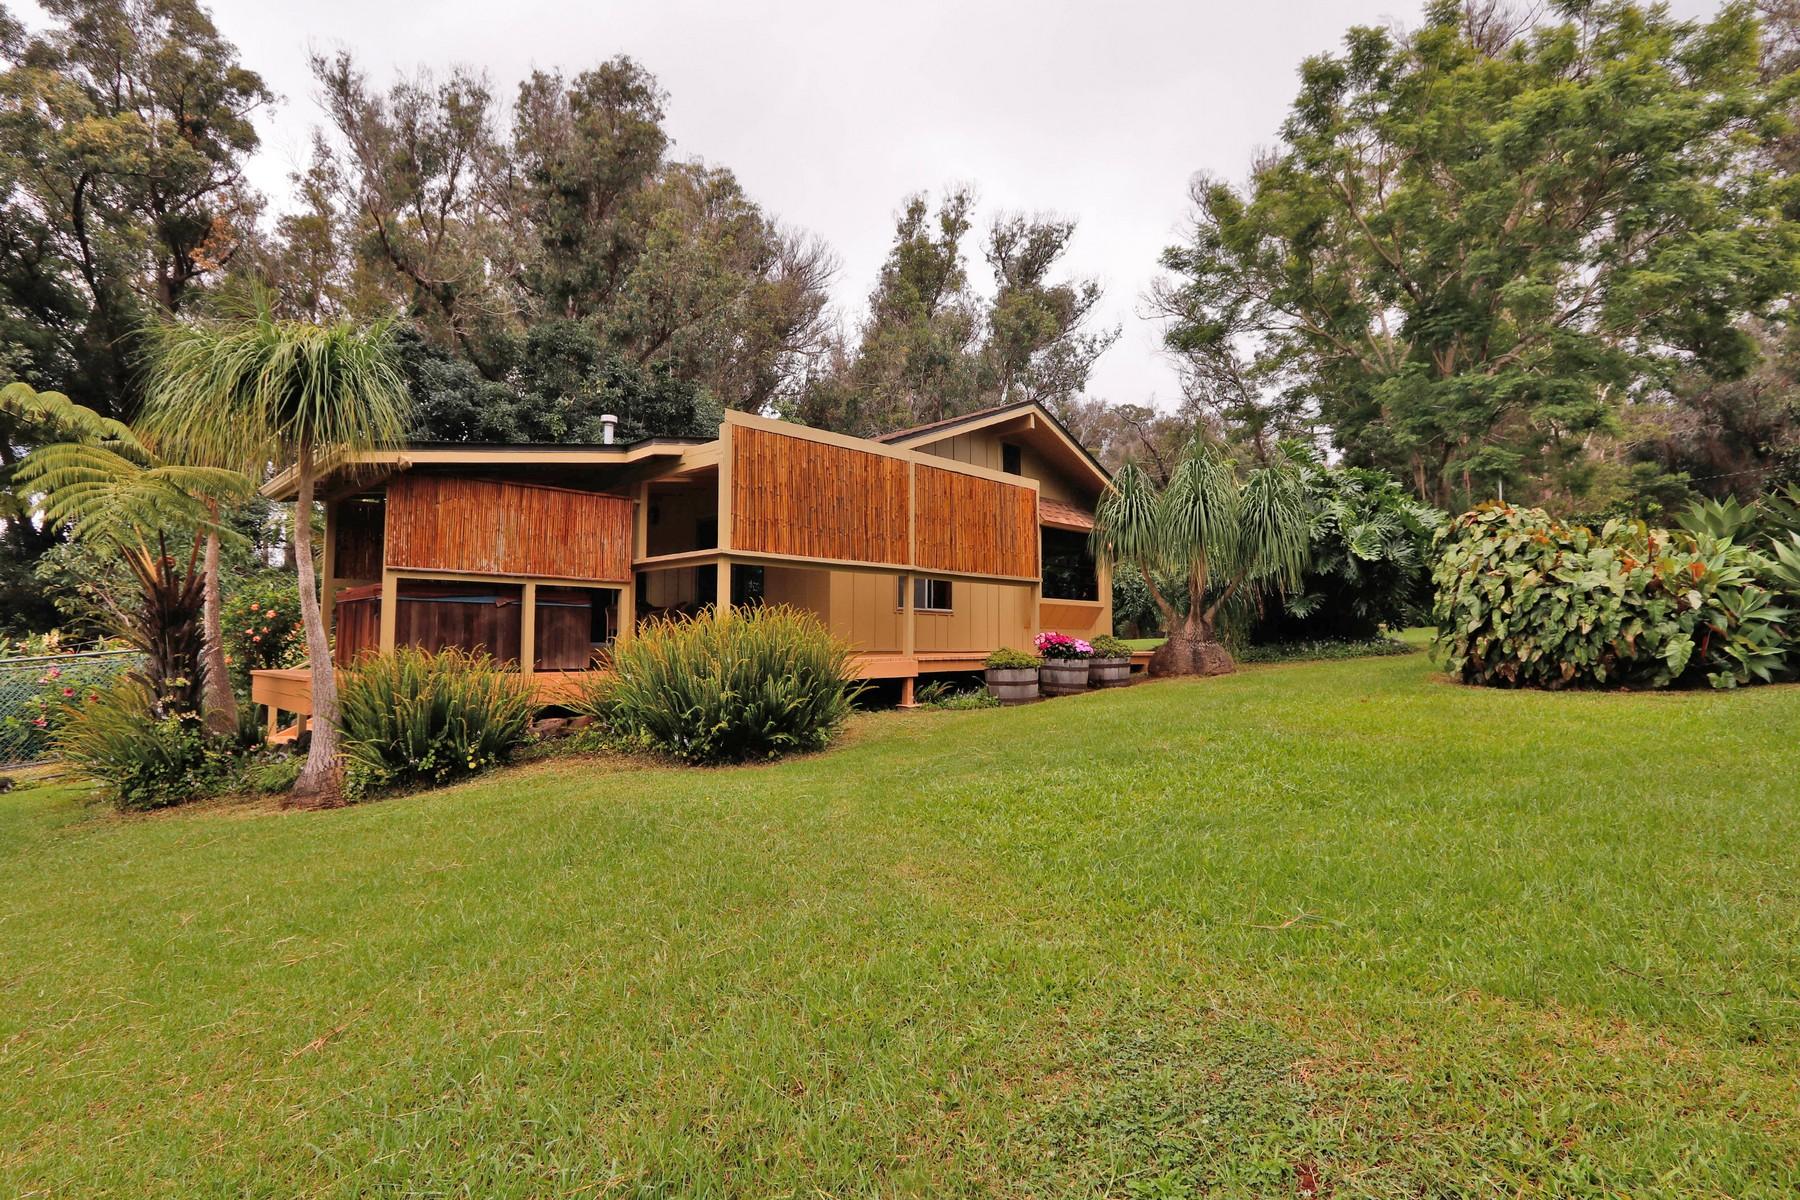 獨棟家庭住宅 為 出售 在 Olinda, Maui Country Living, 2 Acres, Home, Cottage, Workshop & Greenhouse 1990 Olinda Road Makawao, 夏威夷 96768 美國